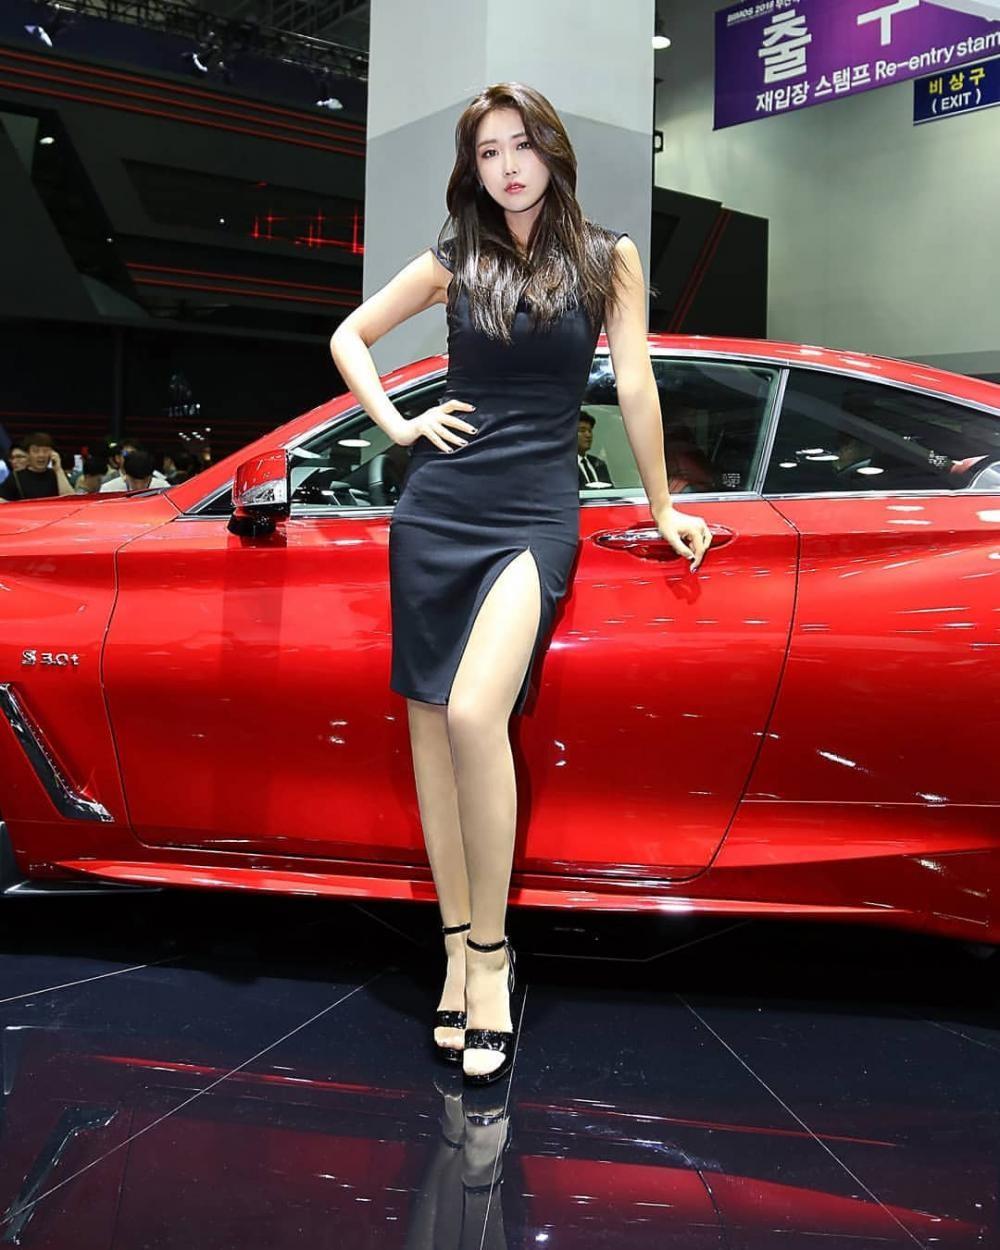 Ngất ngây với người mẫu Hàn Quốc đẹp như tiên tại triển lãm ô tô Busan 2018 - 12